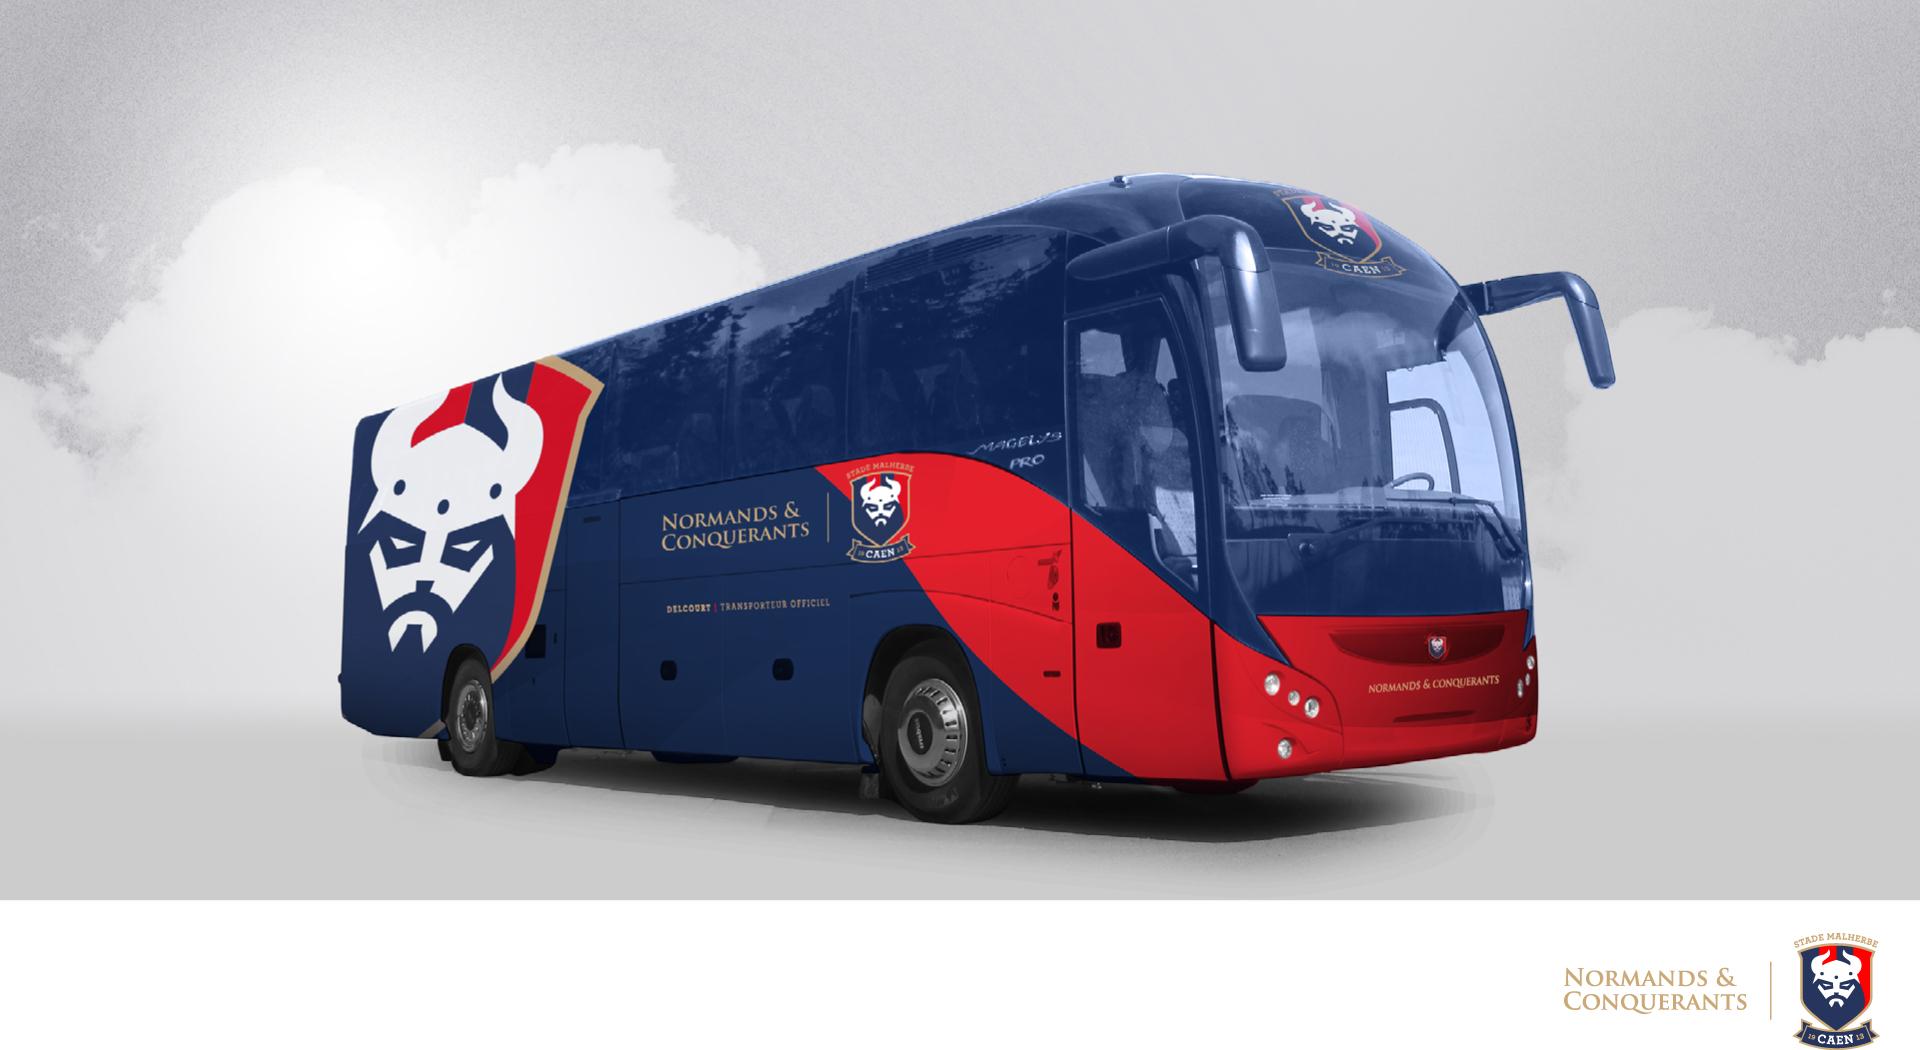 Nouvel équipementier Et Nouveau Logo Pour Le Stade Malherbe Caen Plus Que Jamais Conquérant